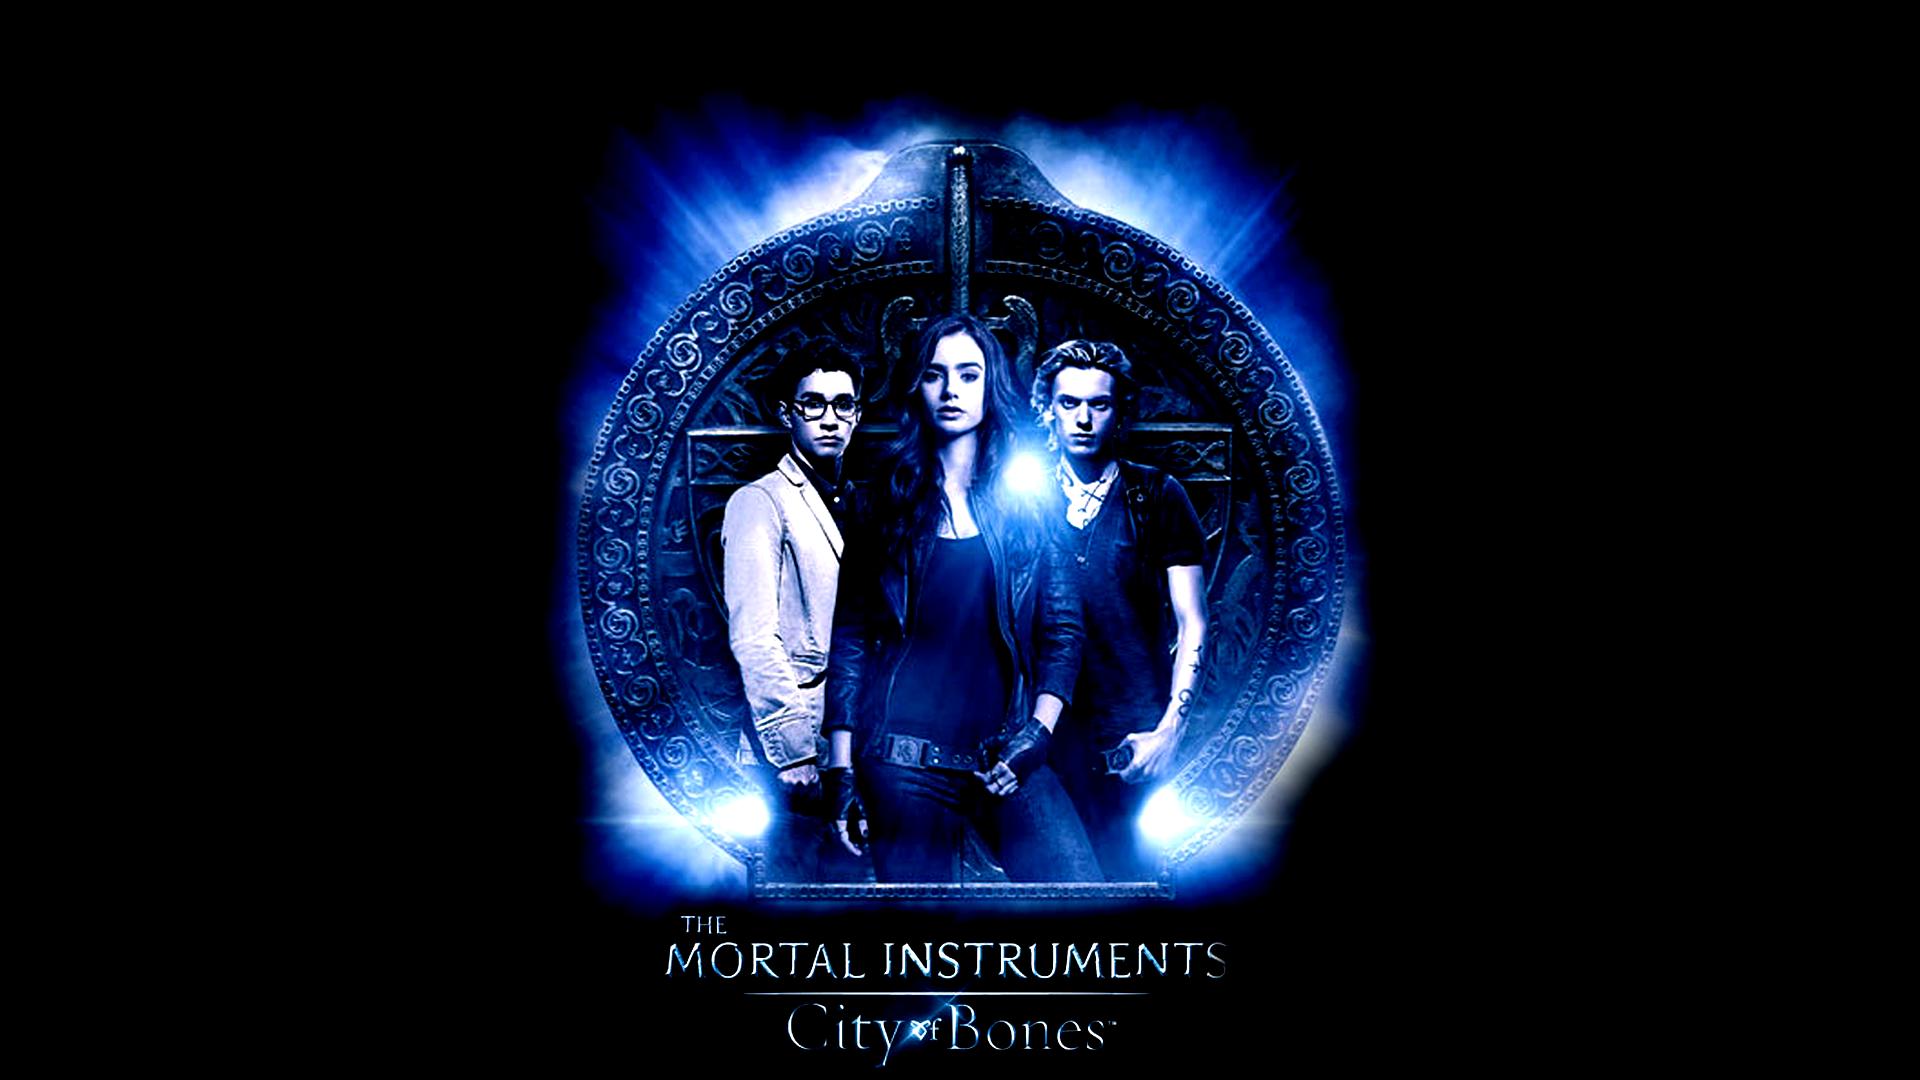 City Of Bones Wallpaper  Mortal Instruments